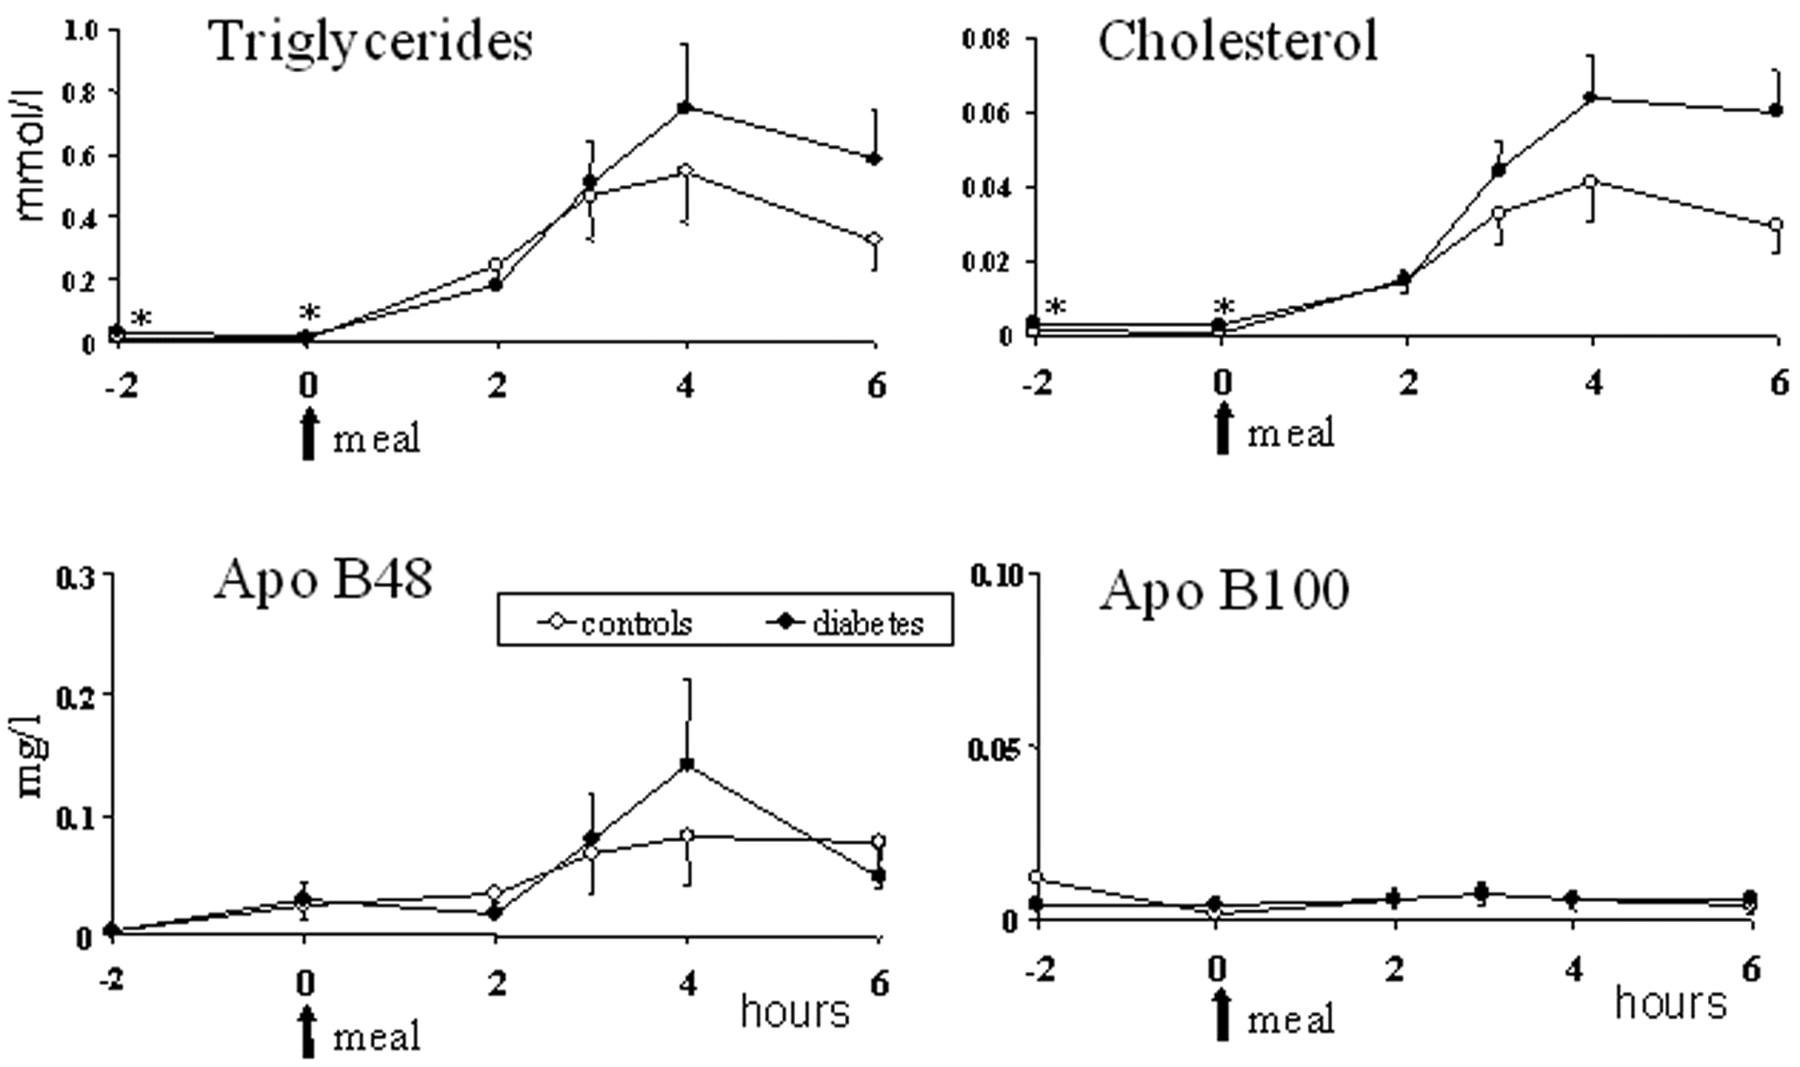 耐糖能異常症例 冠動脈疾患症例でApo B-48が高値を示すことを明らかにするグラフ